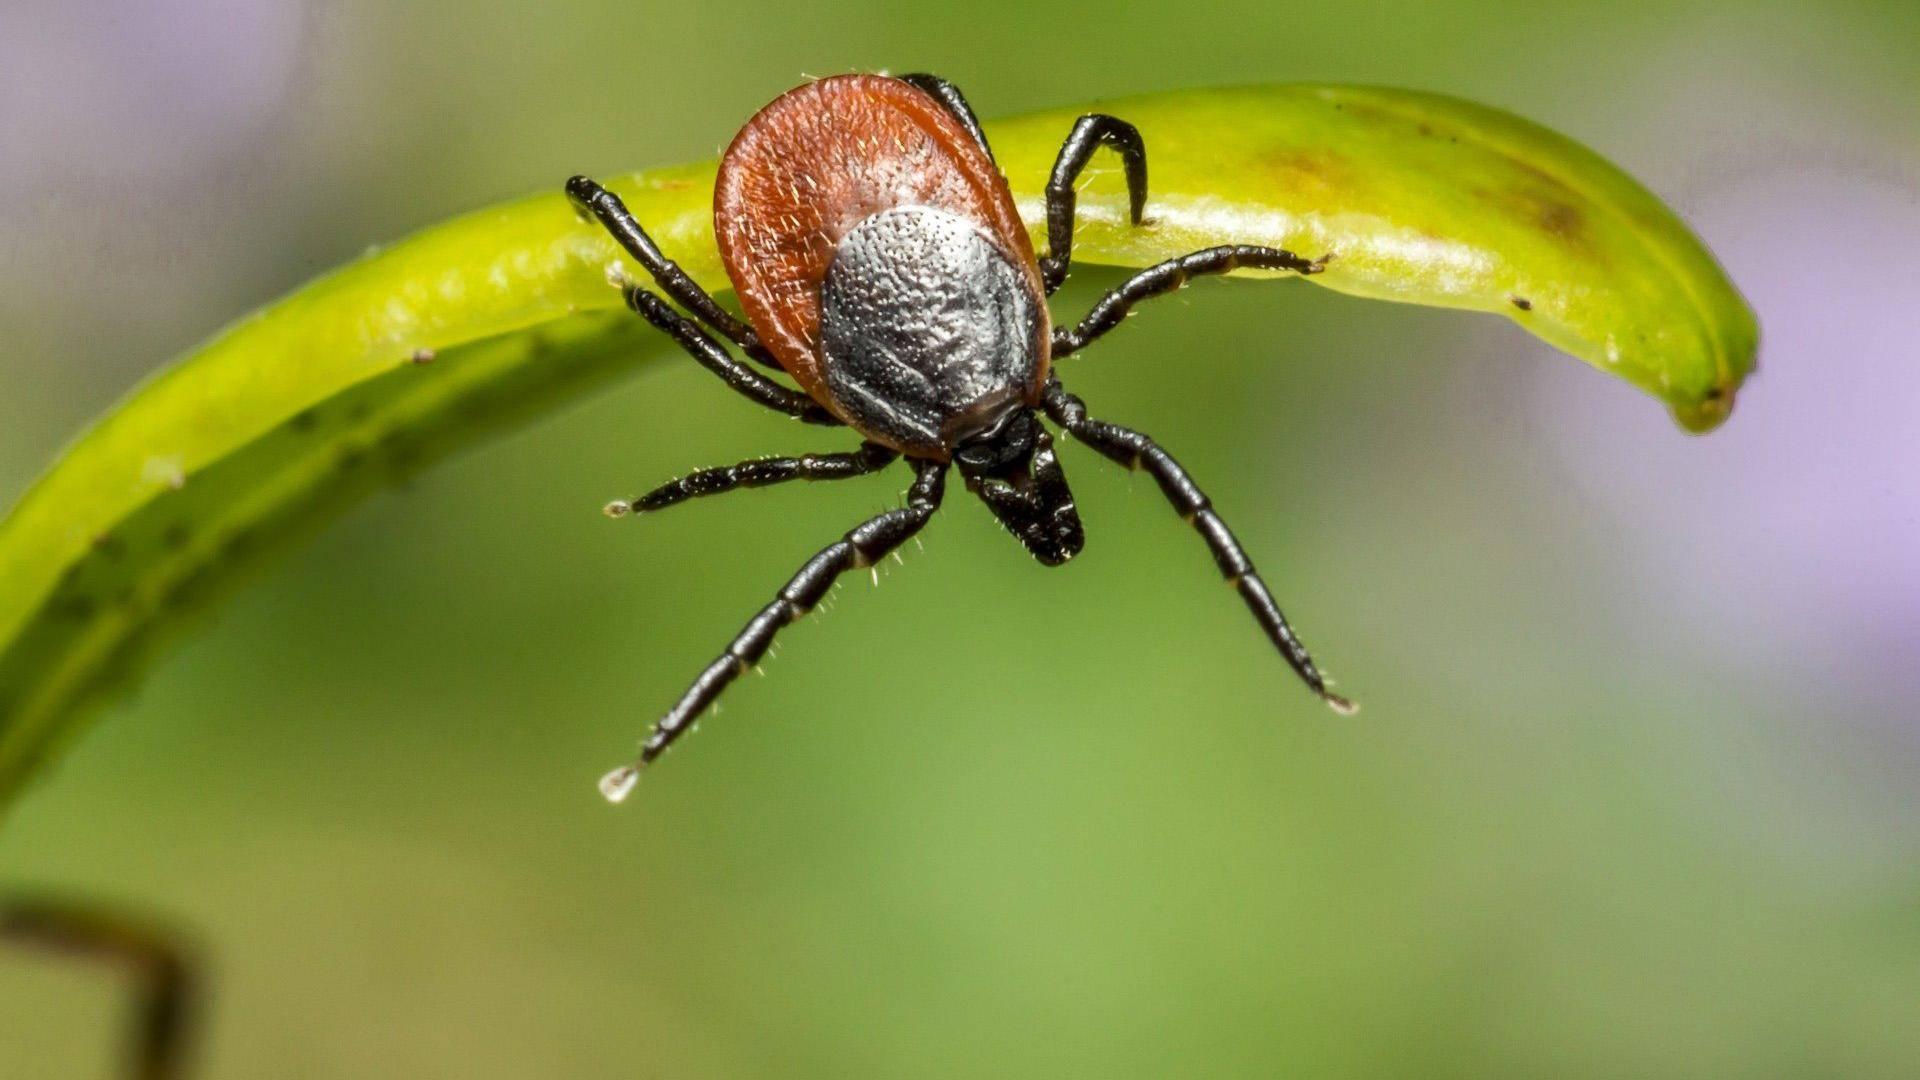 Какие болезни переносят клещи человеку: опасные инфекции